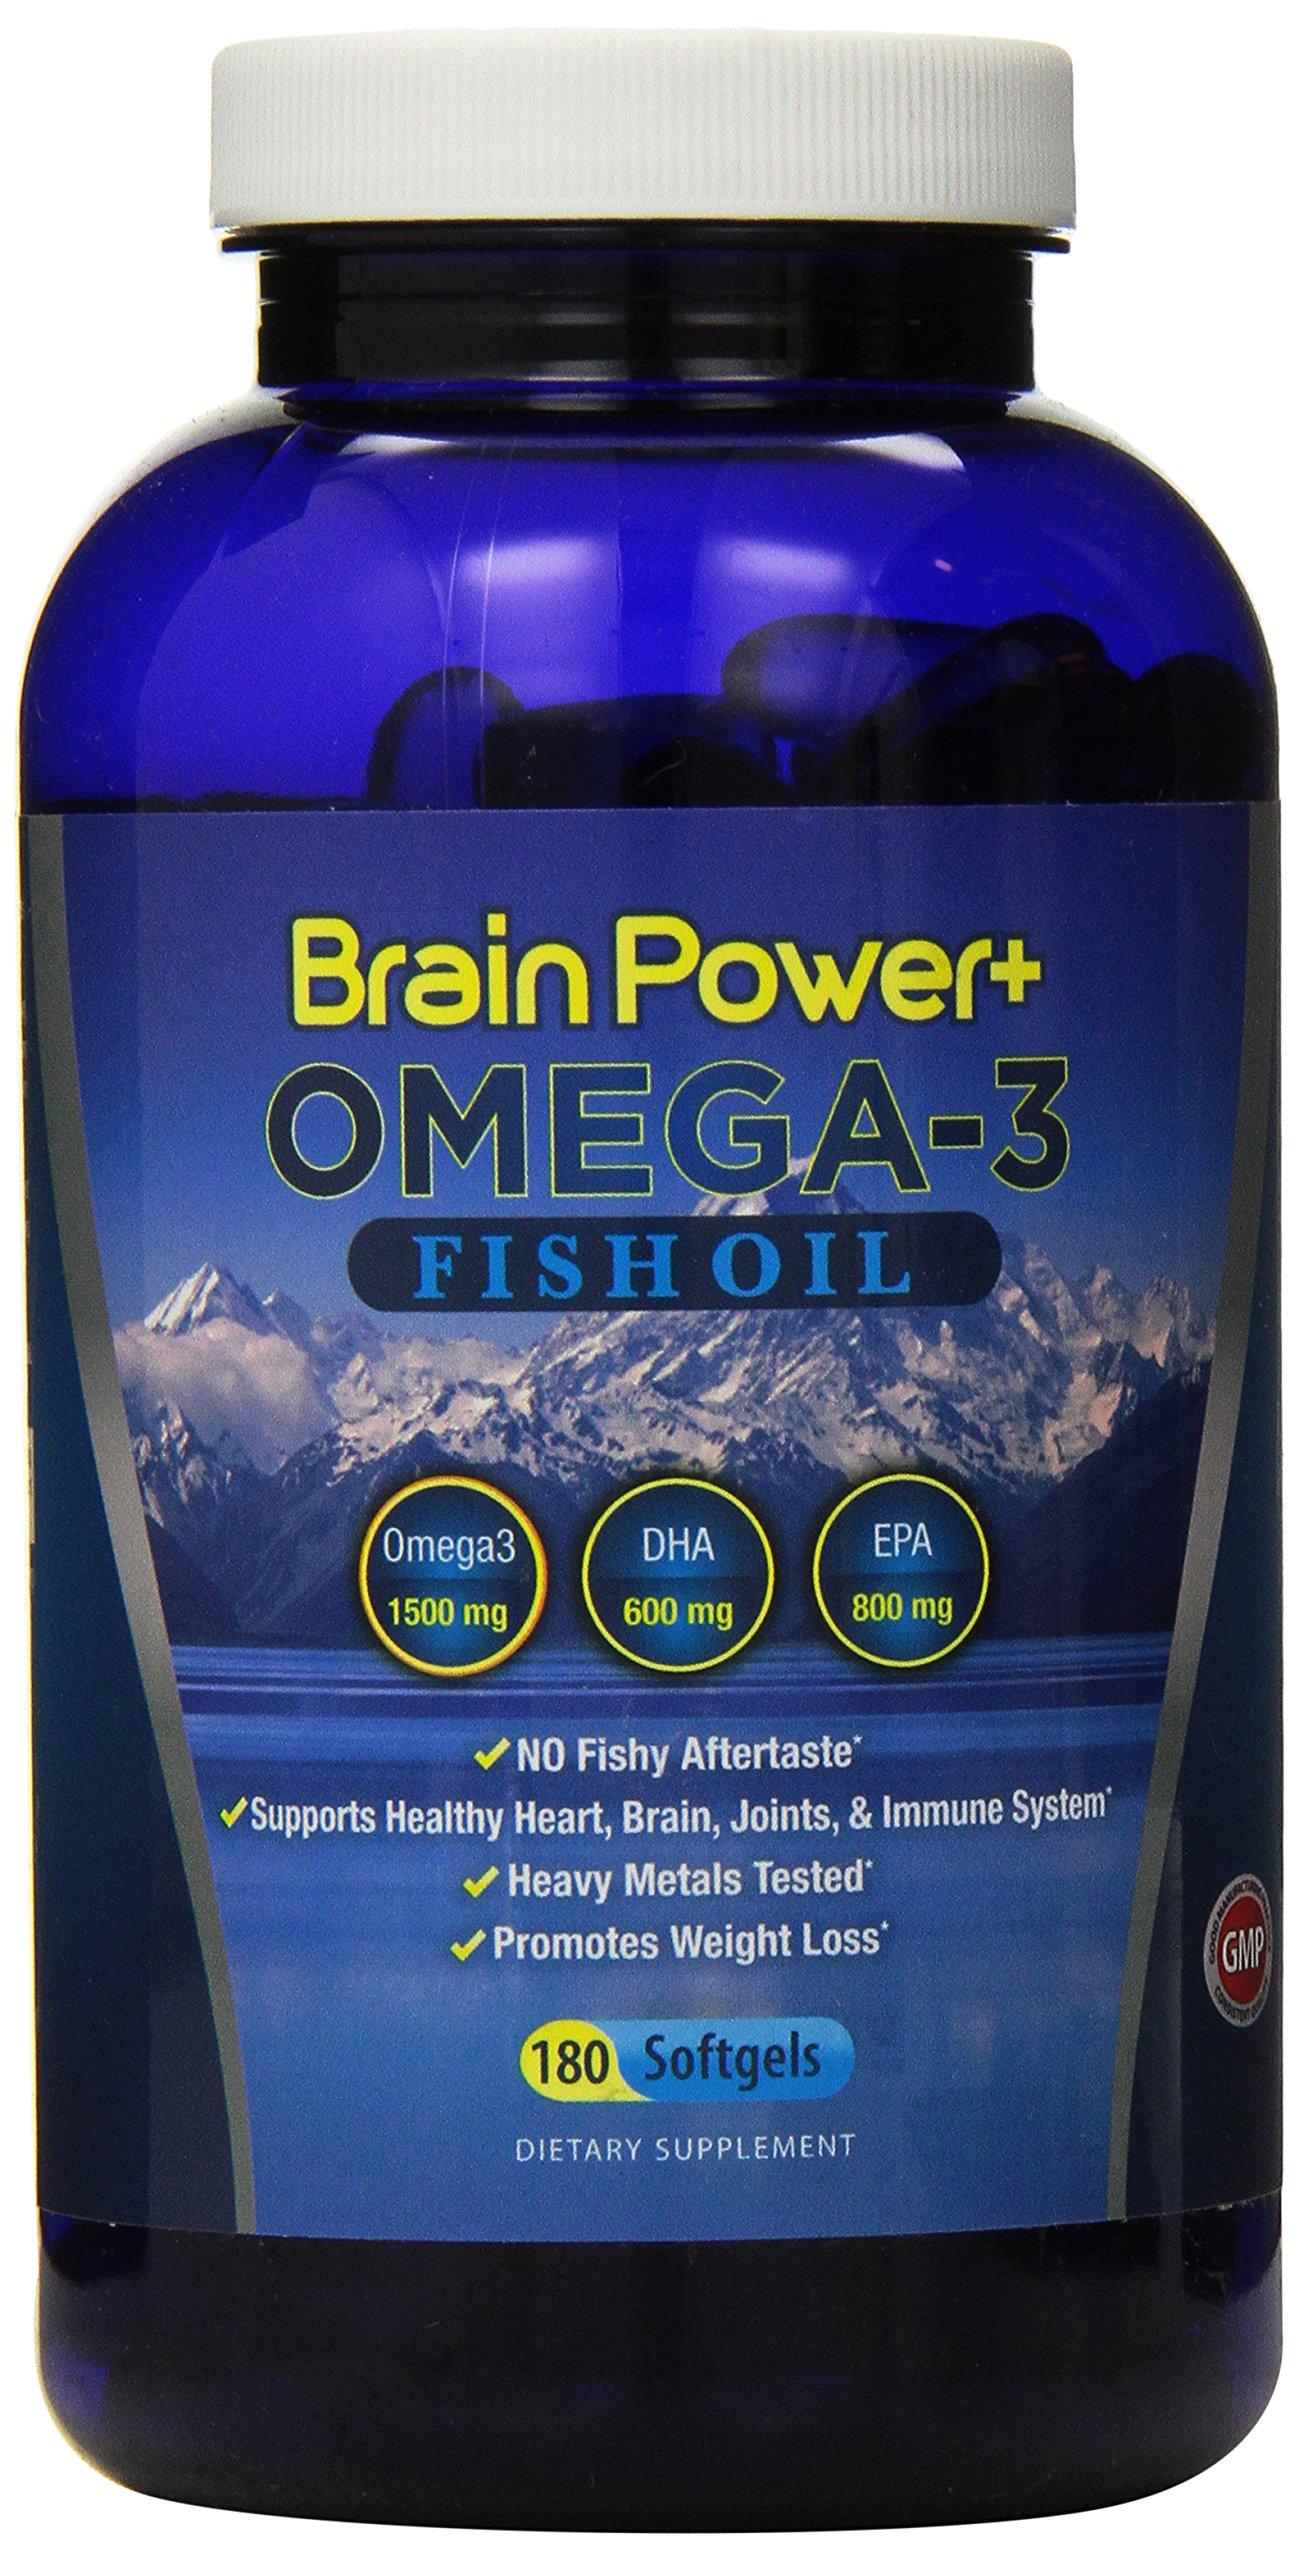 Omega 3 fish oil 1500 mg omega 3 800 mg epa 600 mg dha for Do fish oil pills expire